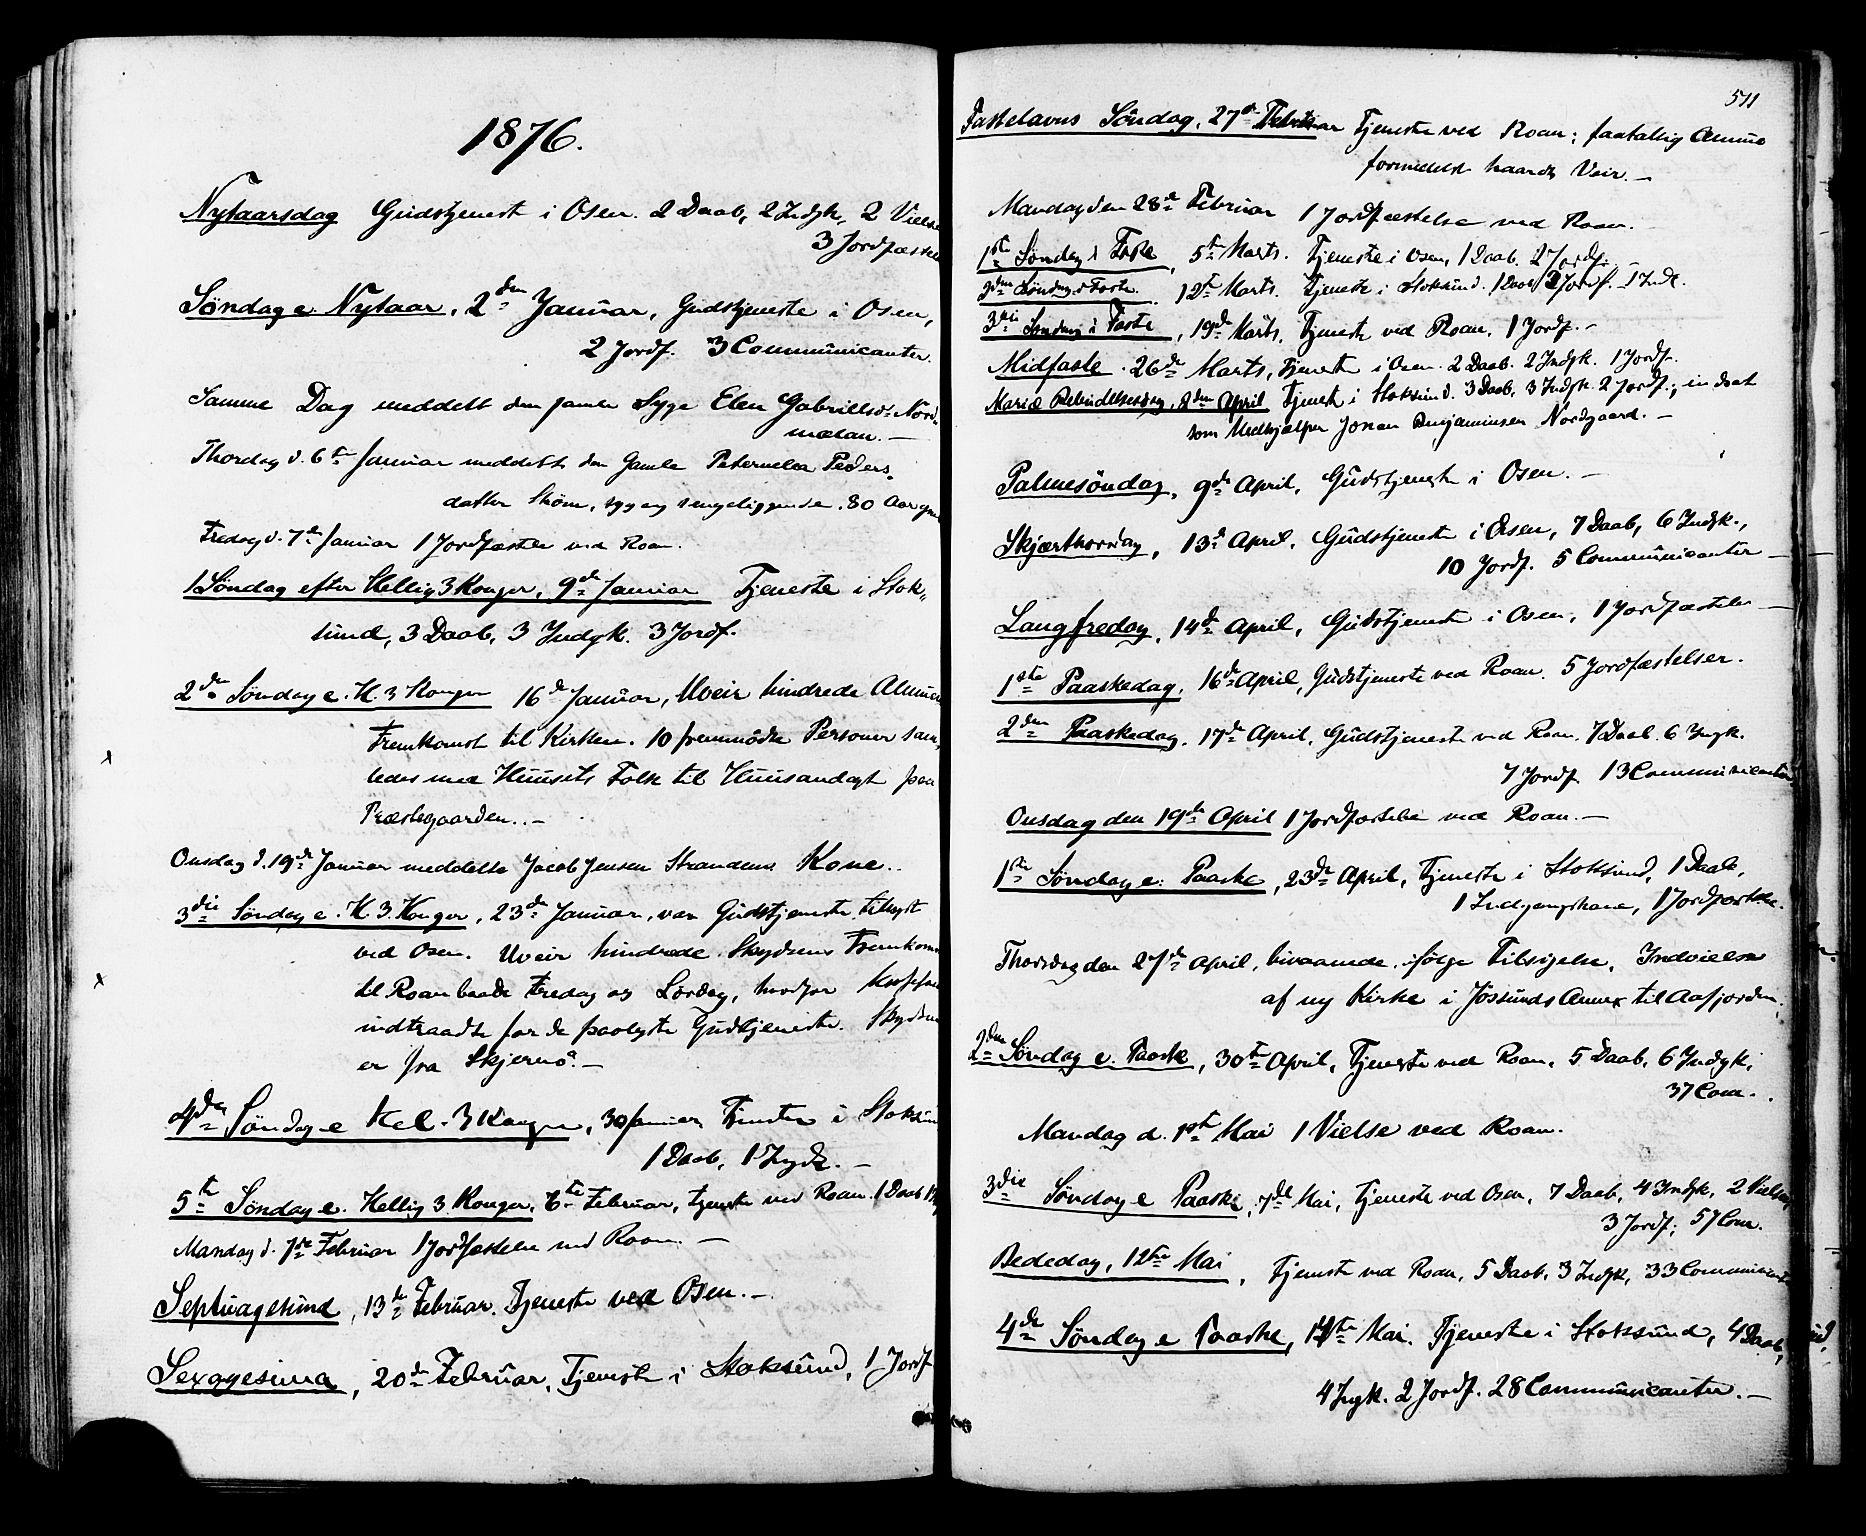 SAT, Ministerialprotokoller, klokkerbøker og fødselsregistre - Sør-Trøndelag, 657/L0706: Ministerialbok nr. 657A07, 1867-1878, s. 511